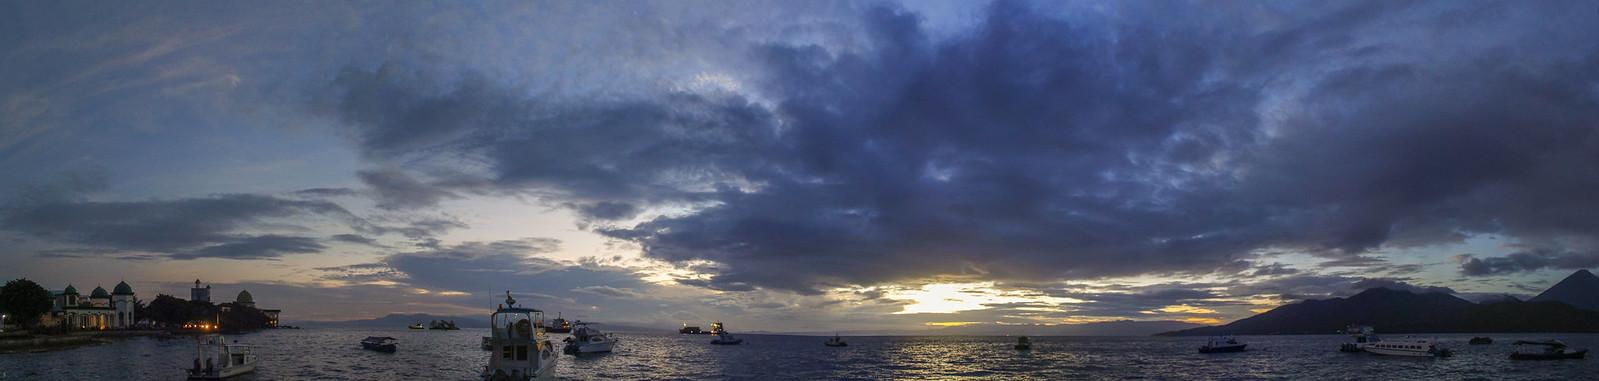 Amanecer nuboso en Ternate